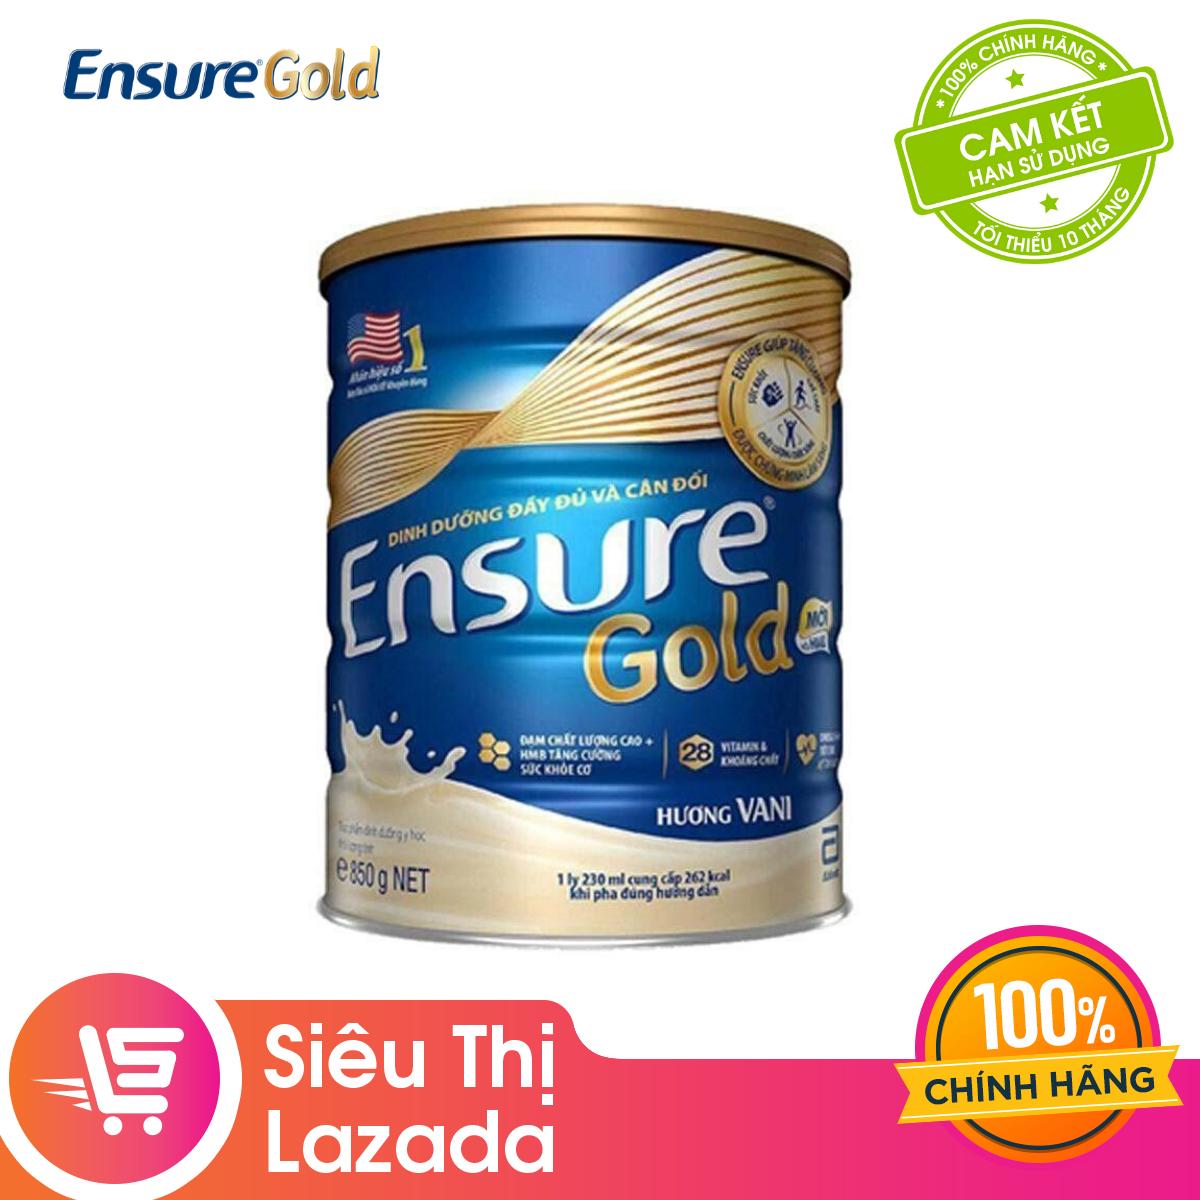 Lon sữa bột Ensure Gold Hương Vani 850g - Giới hạn 5 sản phẩm/khách hàng